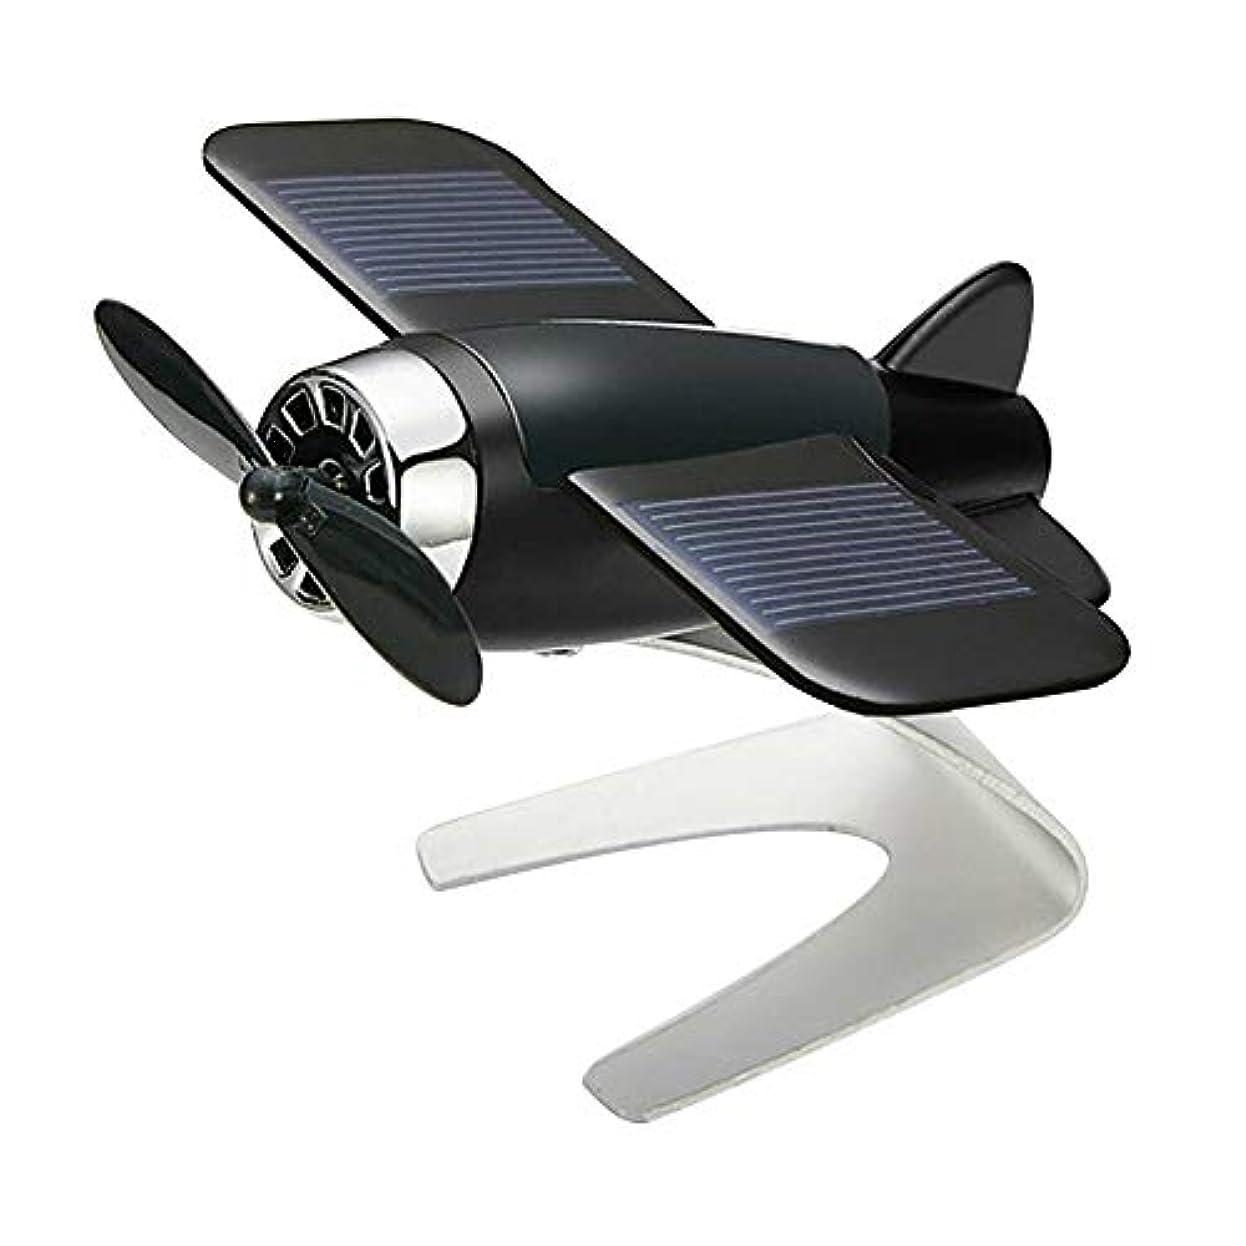 触手みがきます請願者Symboat 車の芳香剤飛行機航空機モデル太陽エネルギーアロマテラピー室内装飾